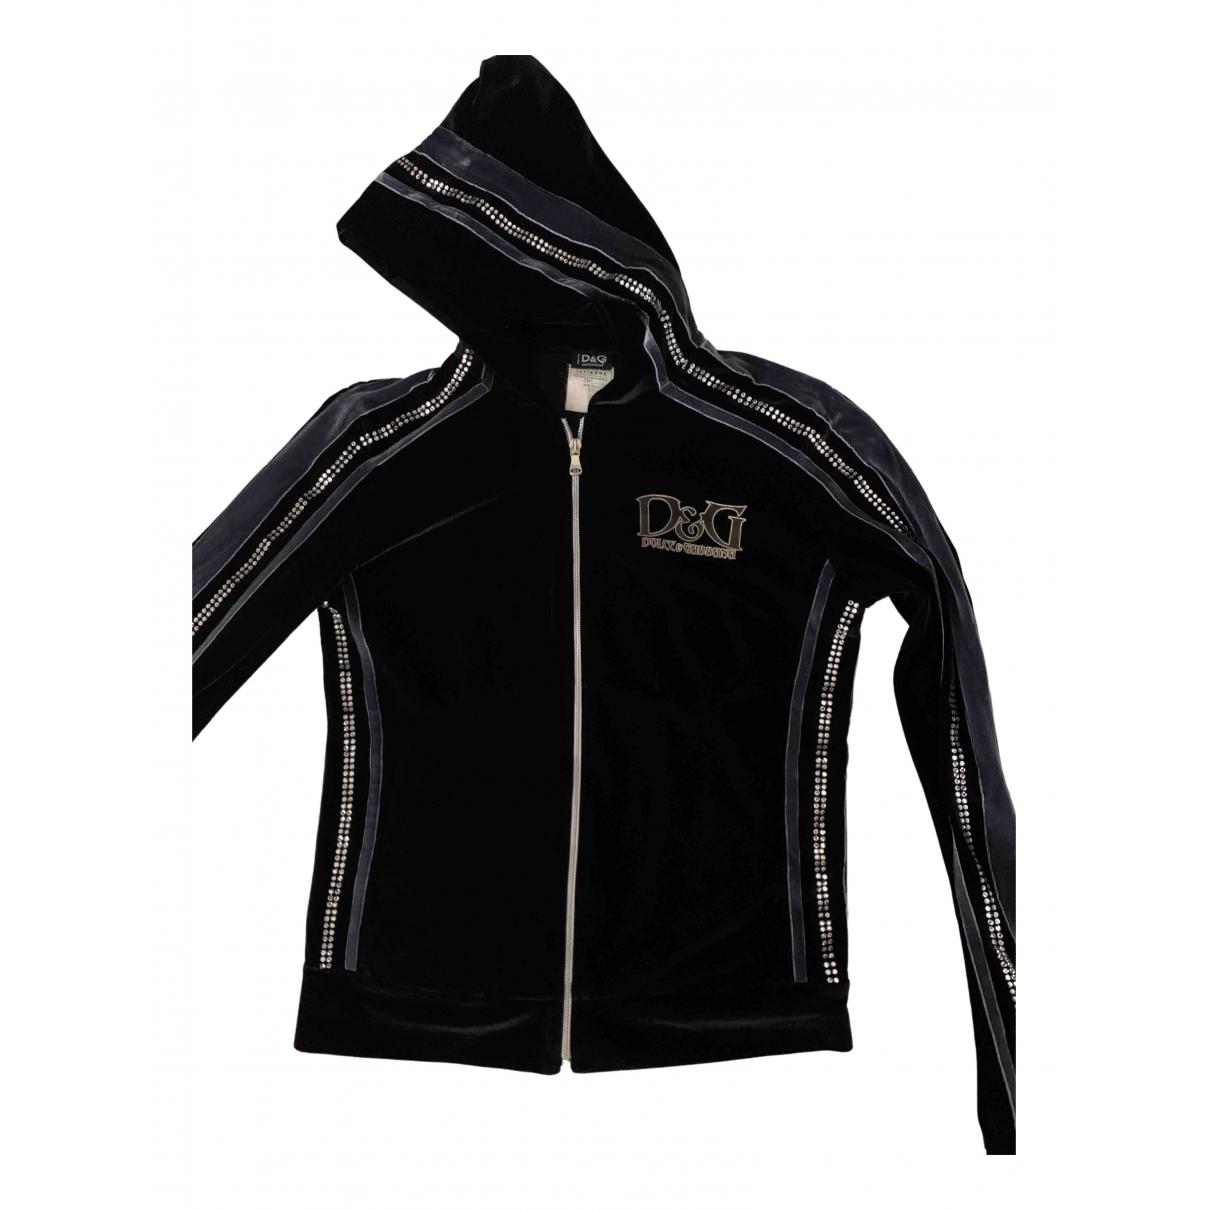 D&g \N Black Velvet jacket for Women 42 IT